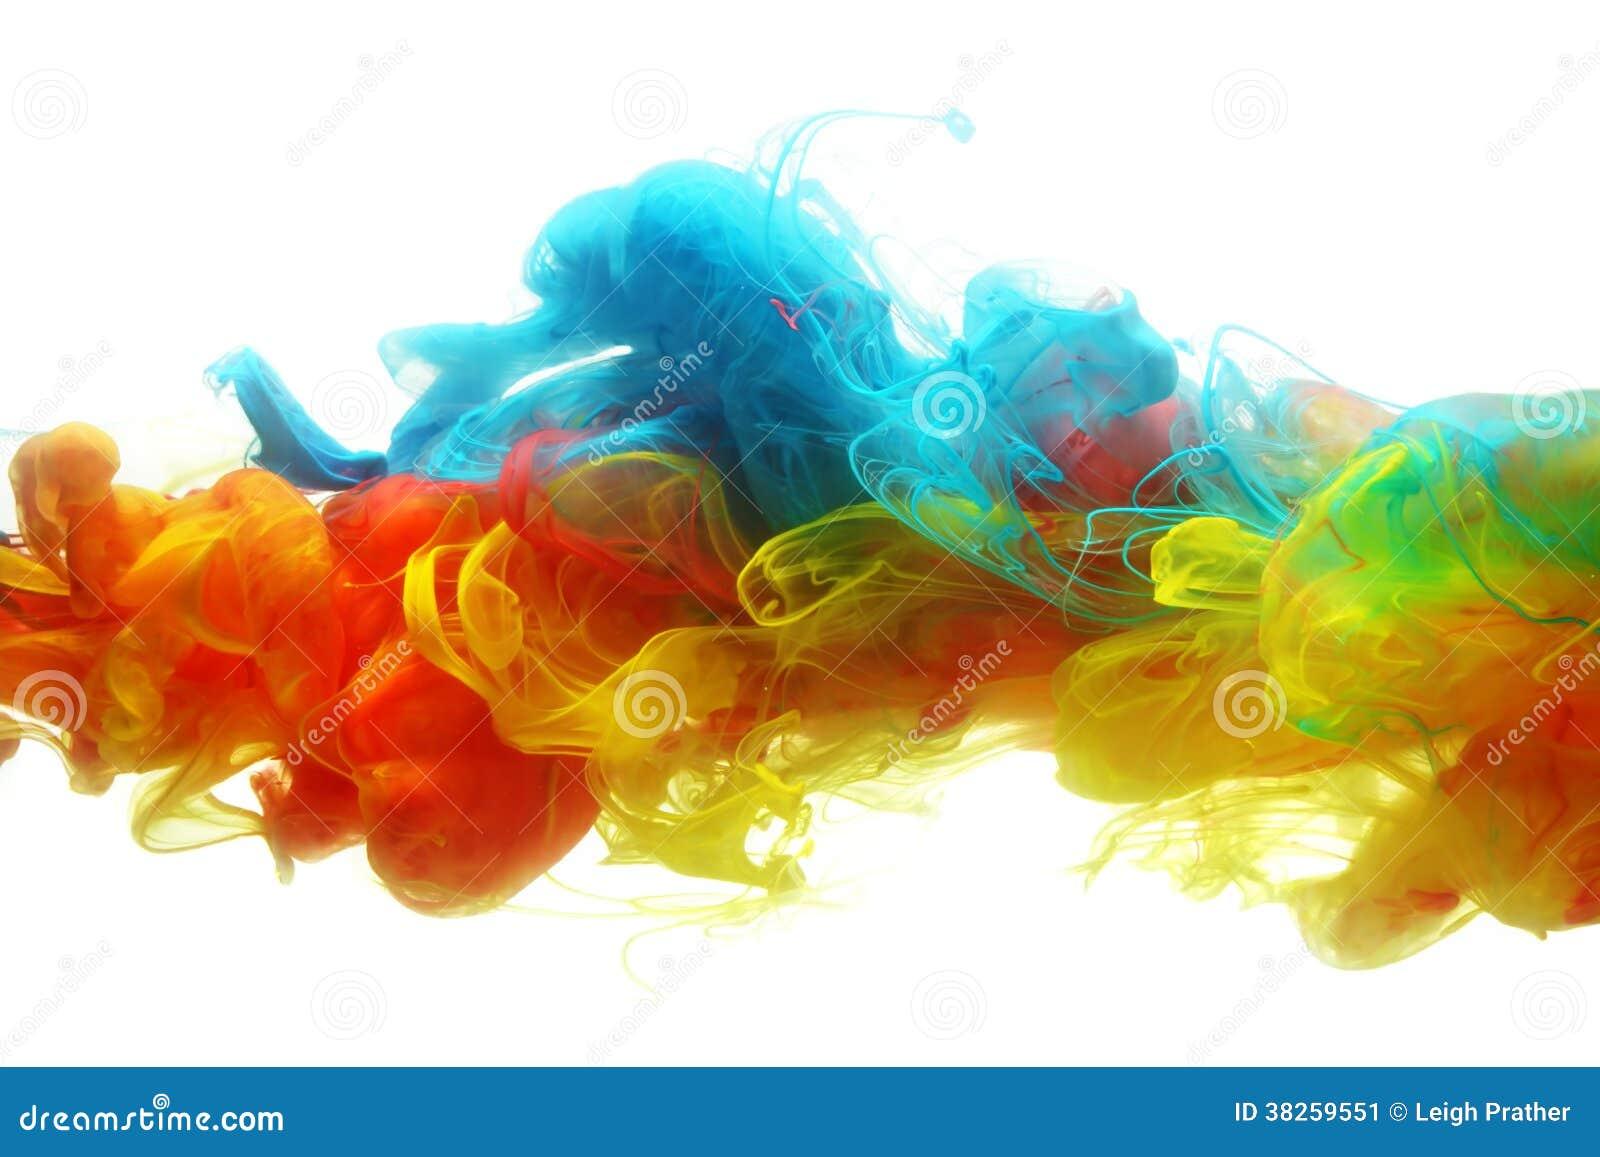 Tinta colorida en agua